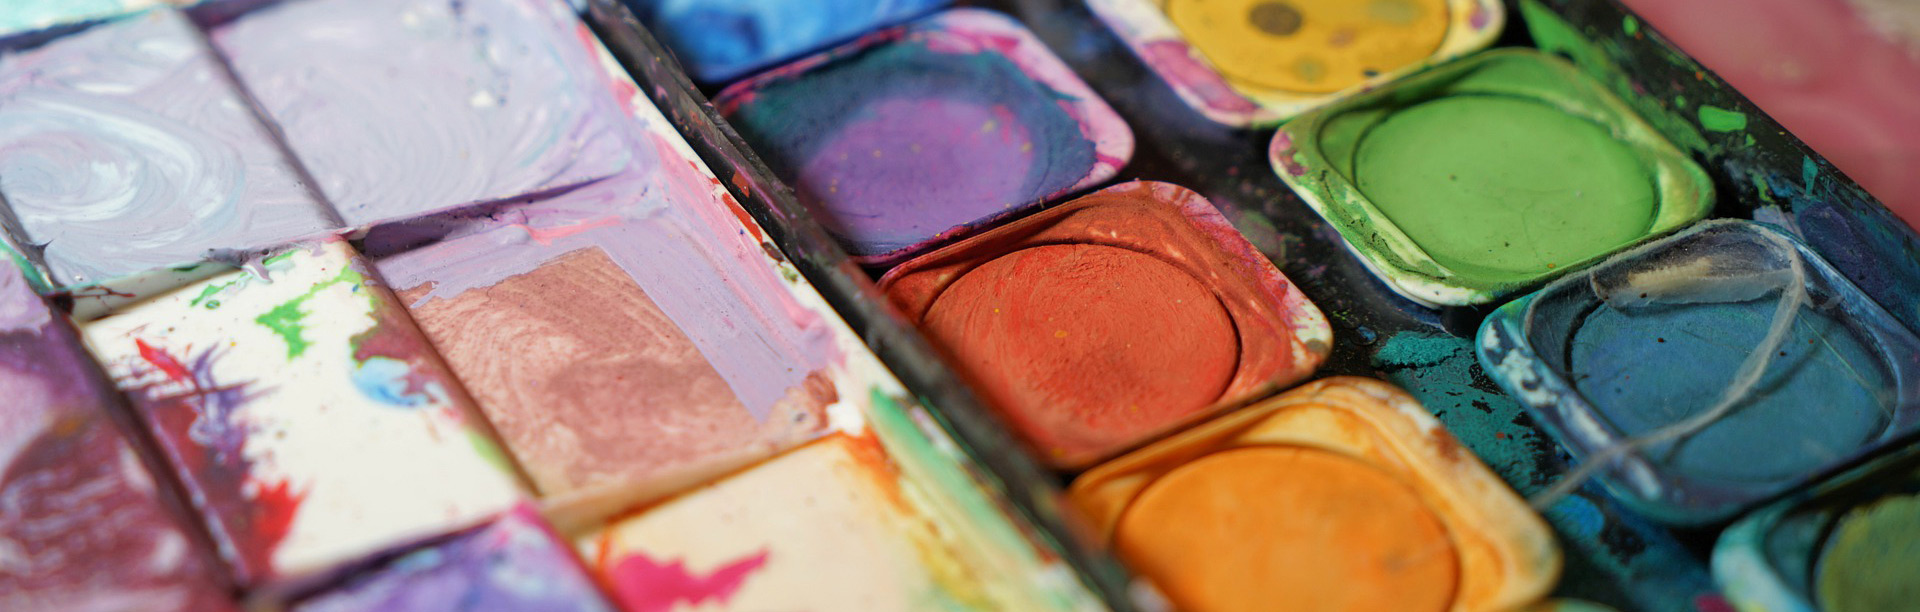 banner schulen wasserfarben